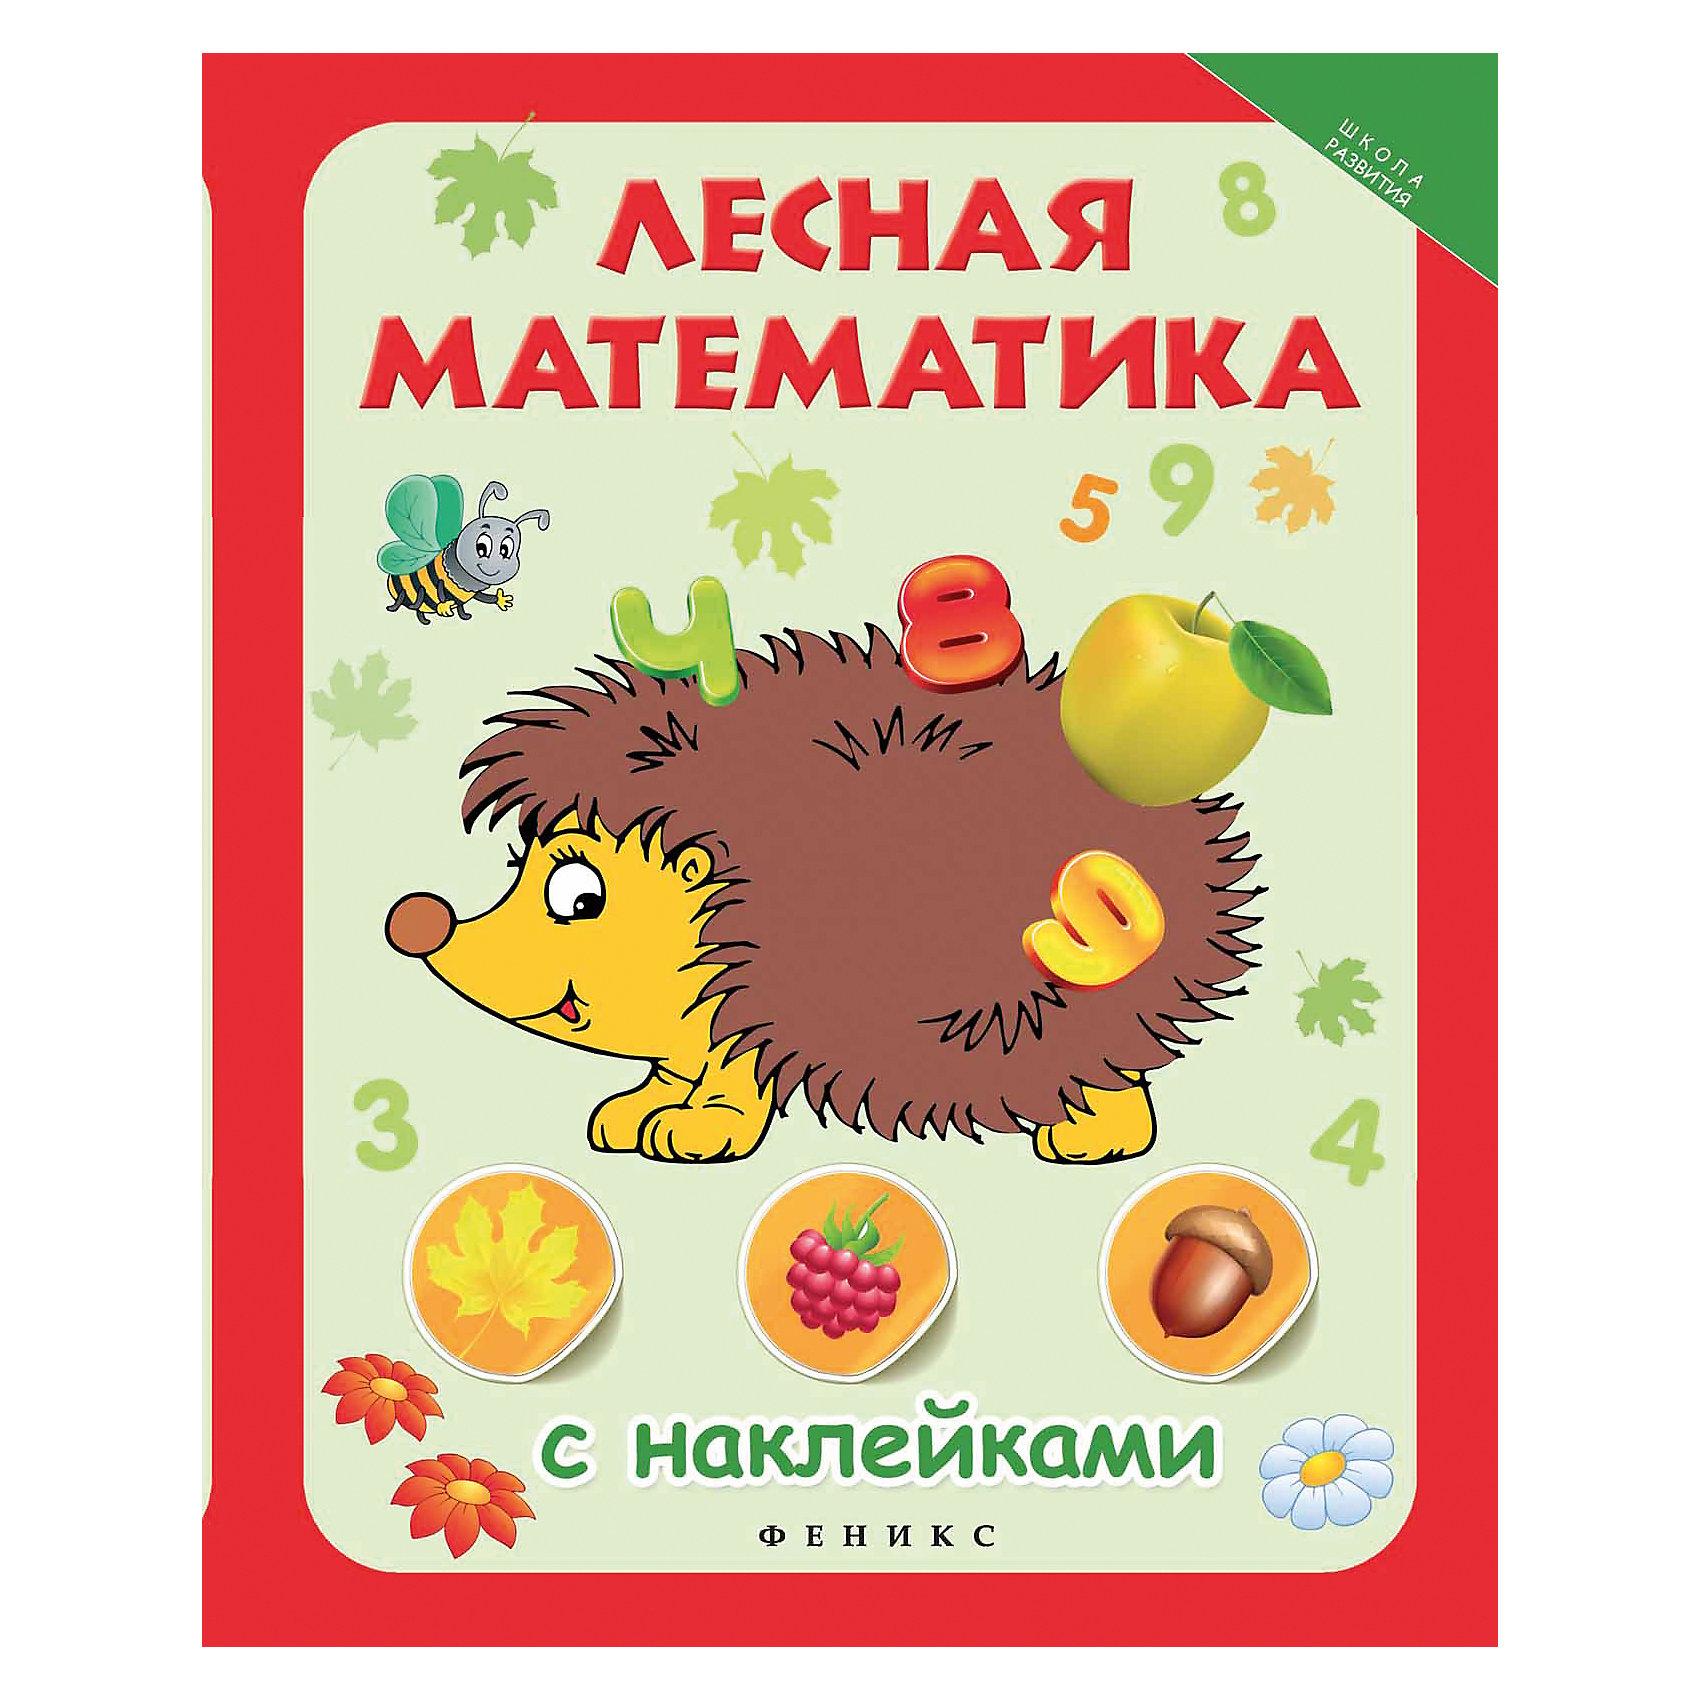 Лесная математика с наклейкамиПособия для обучения счёту<br>Лесная математика - это интересная и увлекательная книжка с наклейками для тех, кто учится считать и складывать. Интересные и яркие задания, развивающие логику, позволят ребёнку провести время с пользой. За каждый правильный ответ, можно получить наклейк<br><br>Ширина мм: 260<br>Глубина мм: 205<br>Высота мм: 1<br>Вес г: 92<br>Возраст от месяцев: 12<br>Возраст до месяцев: 60<br>Пол: Унисекс<br>Возраст: Детский<br>SKU: 5120067